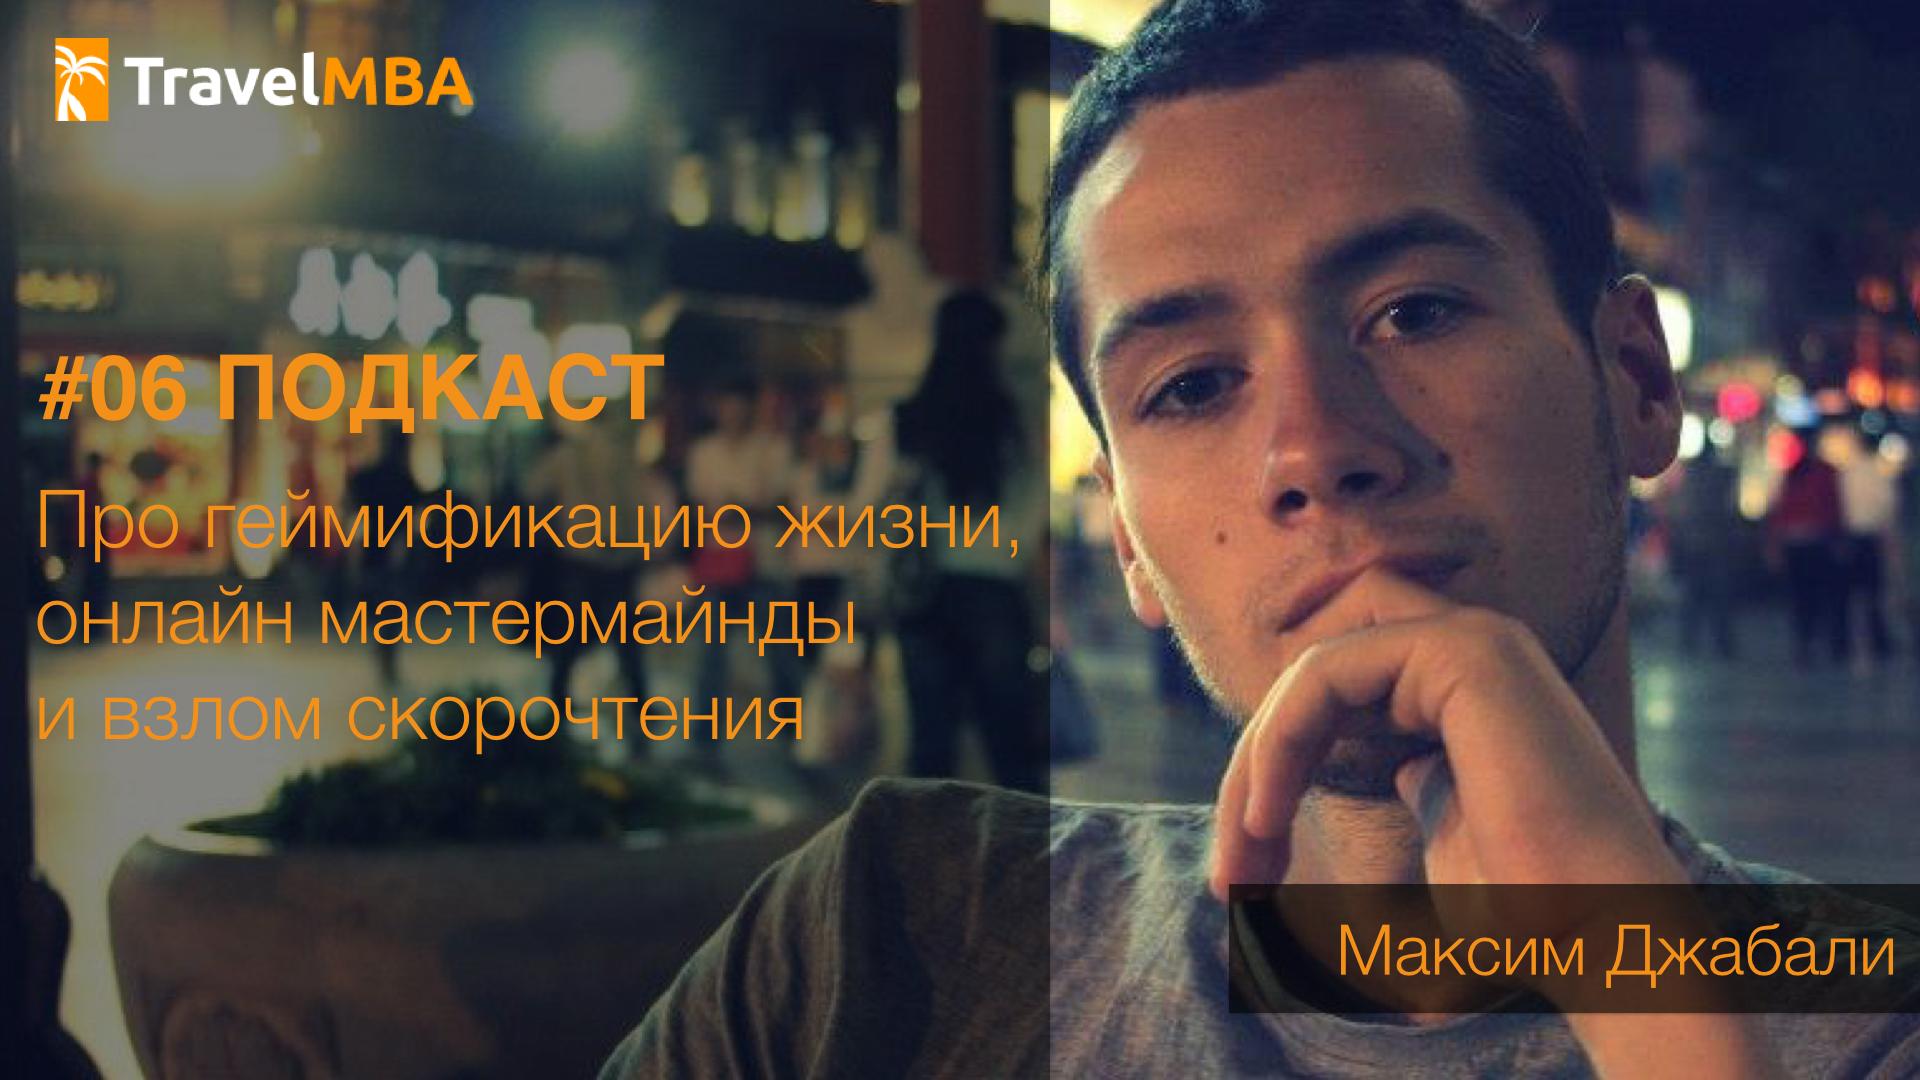 [Подкаст] - Максим Джабали: про геймификацию жизни, скорочтение и мастермайнды